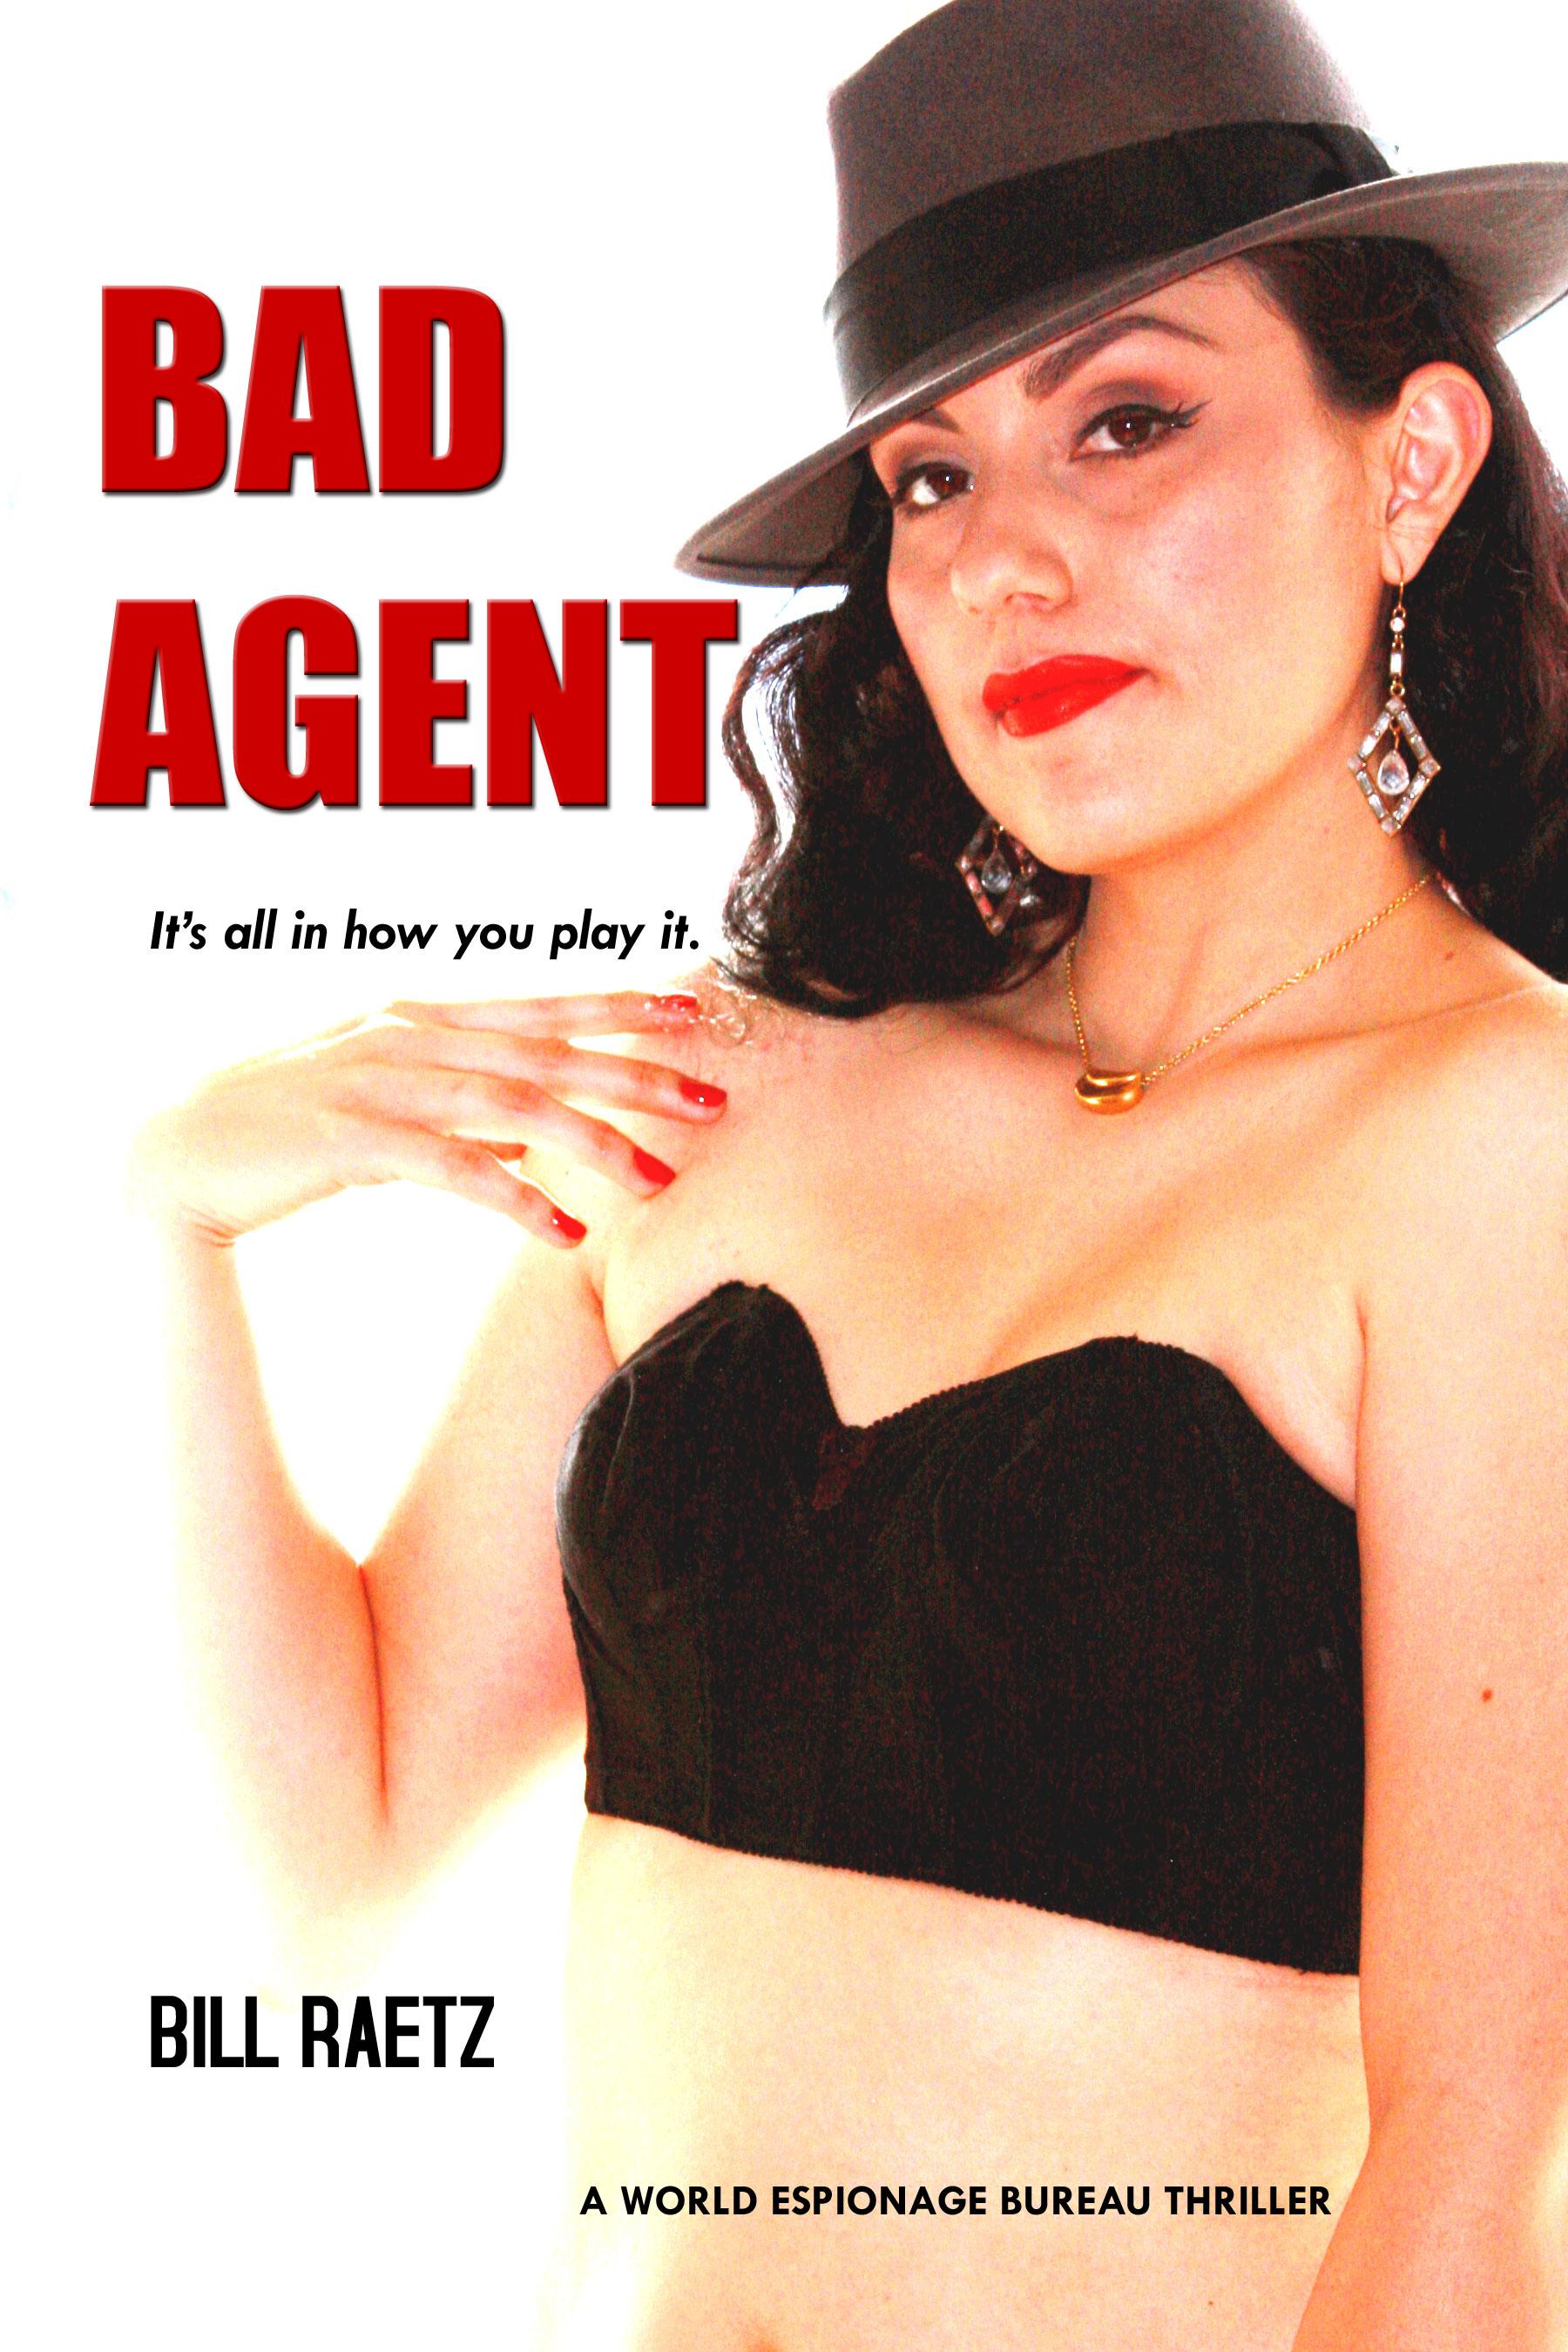 Bad Agent